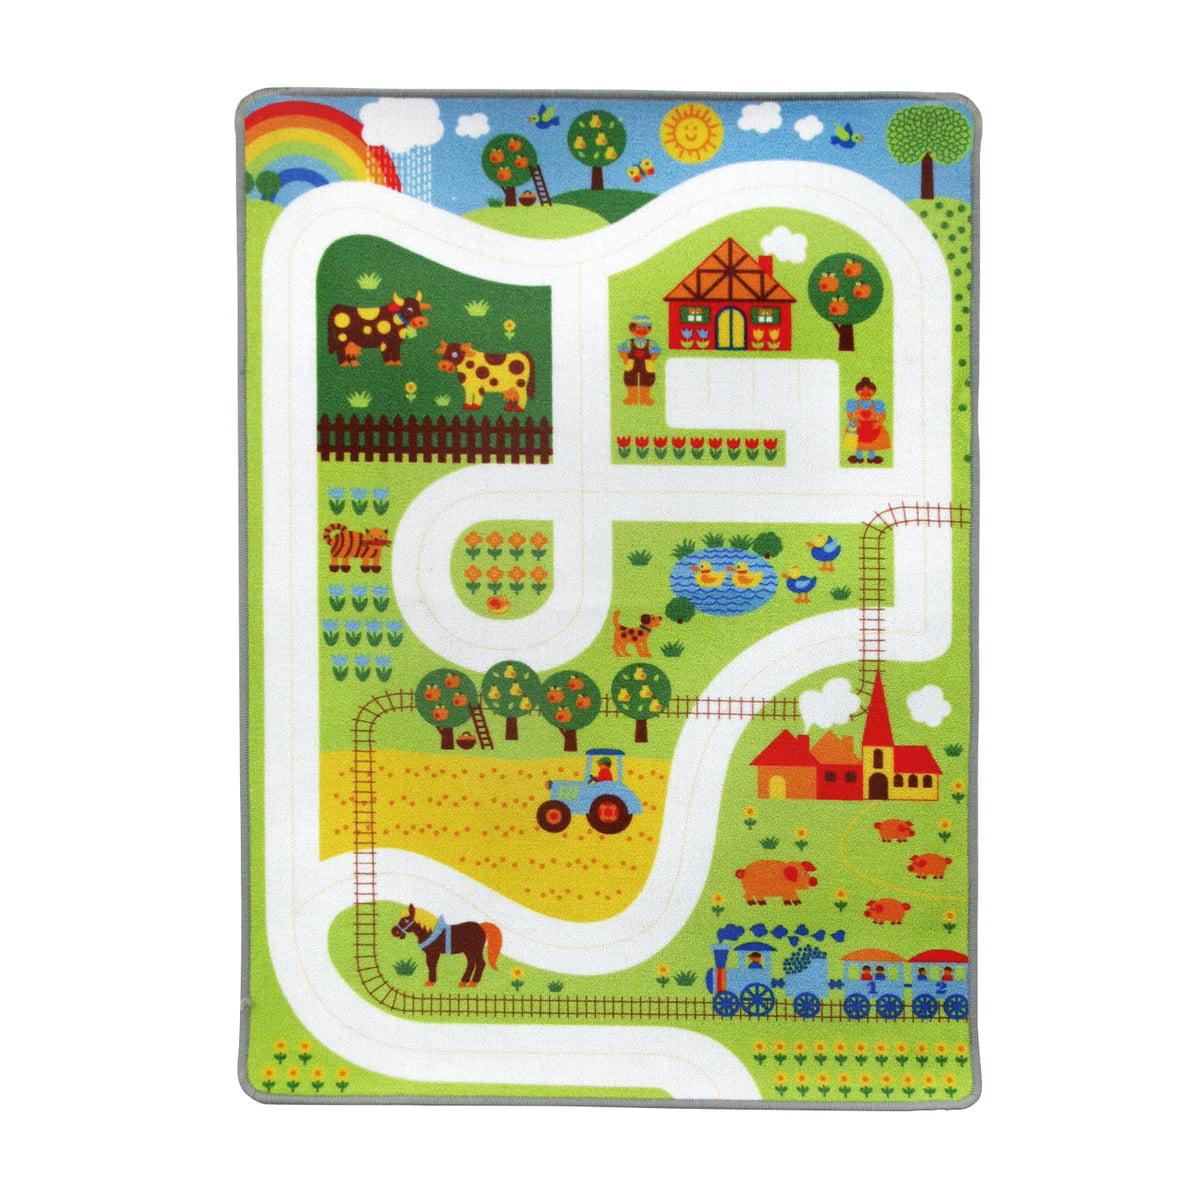 byGraziela - Spielteppich Bauernhof, 90 x 130 cm | Kinderzimmer > Textilien für Kinder > Kinderteppiche | Mehrfarbig | Vorderseite: 100 % polyamid / rückseite: latexrücken | byGraziela